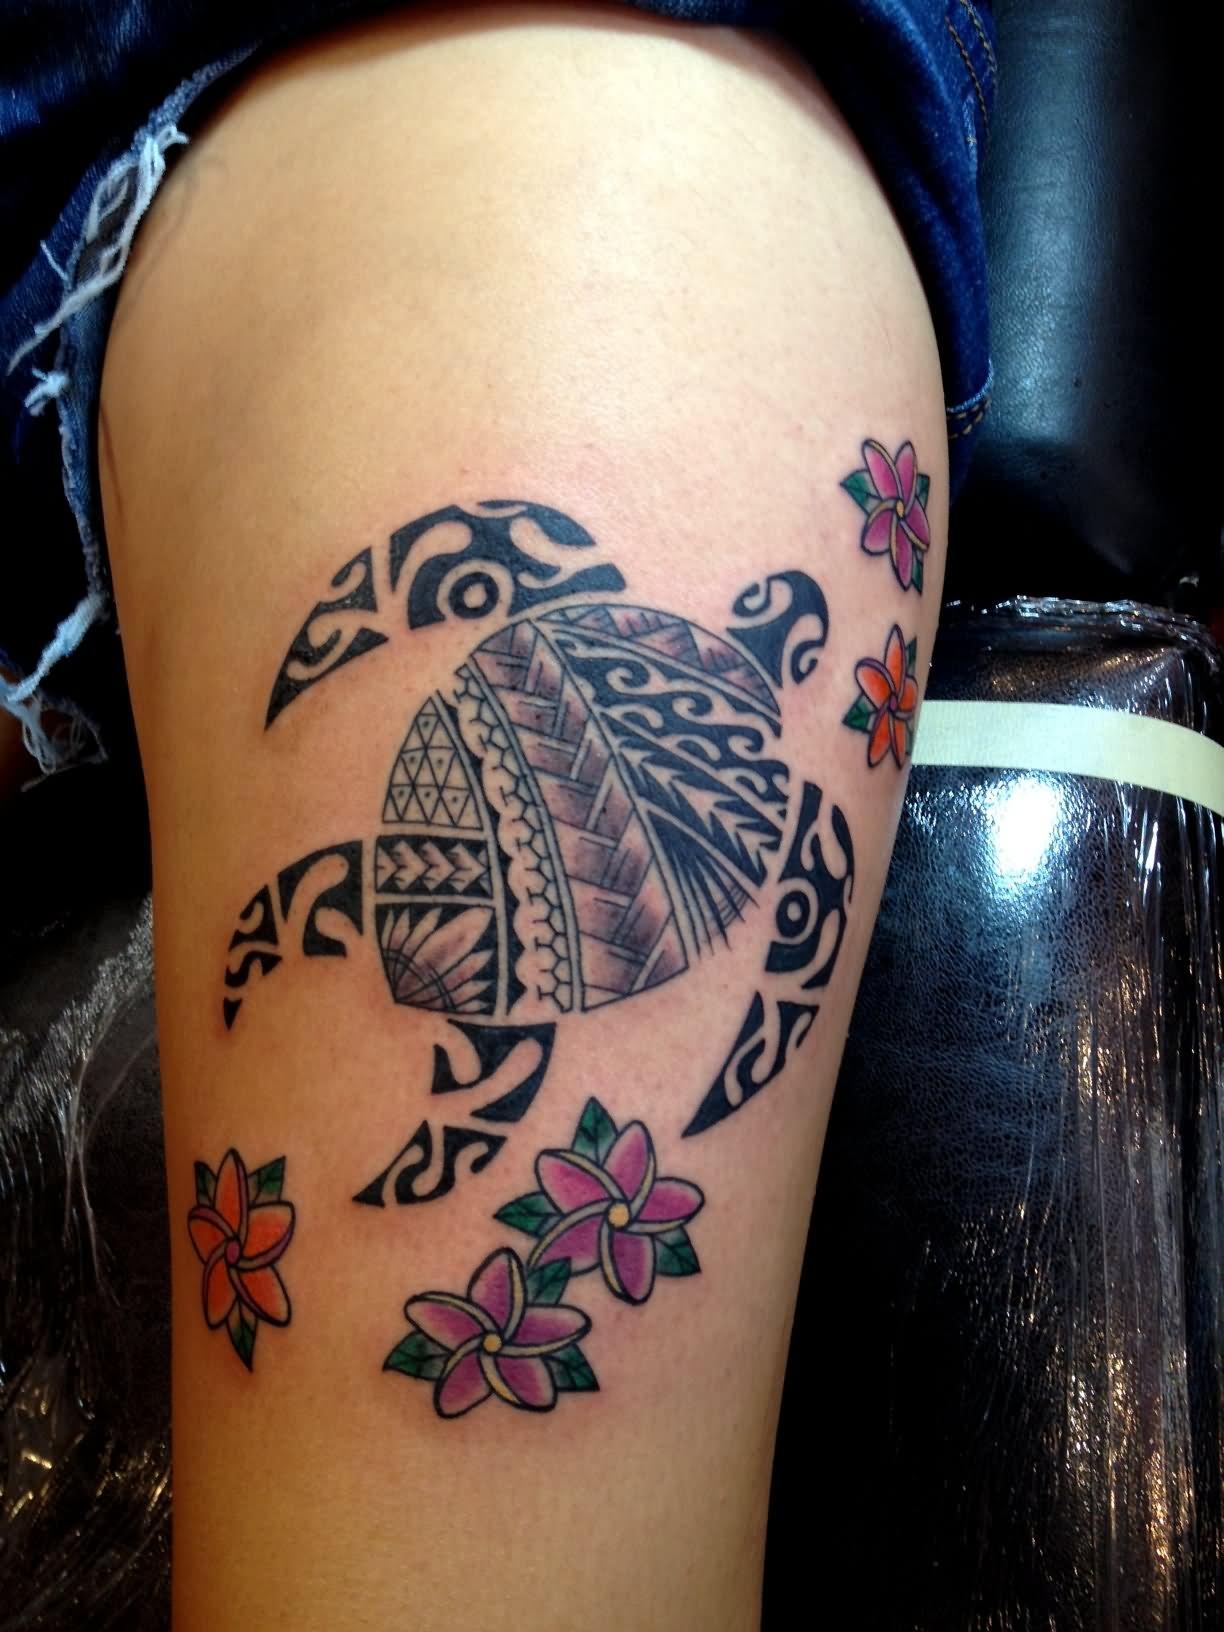 25 incredible hawaiian tattoos black ink hawaiian turtle with flowers tattoo design izmirmasajfo